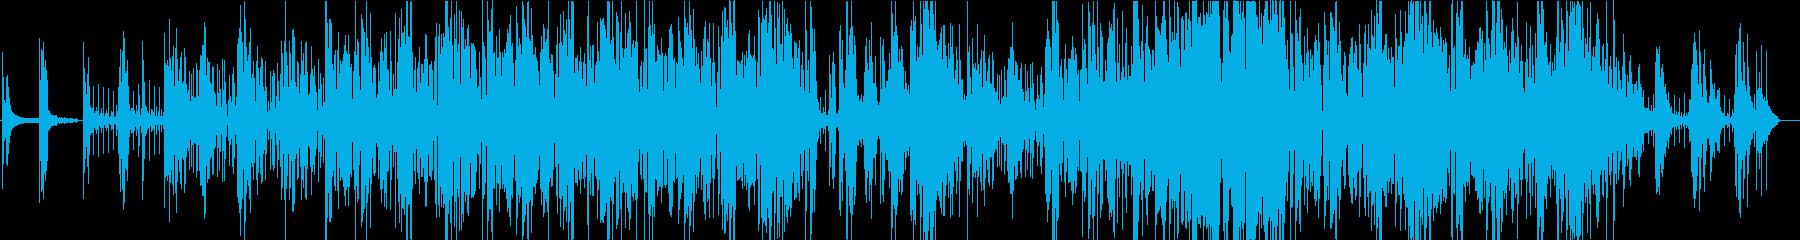 アンニュイなピアノフレーズの繰り返しの再生済みの波形